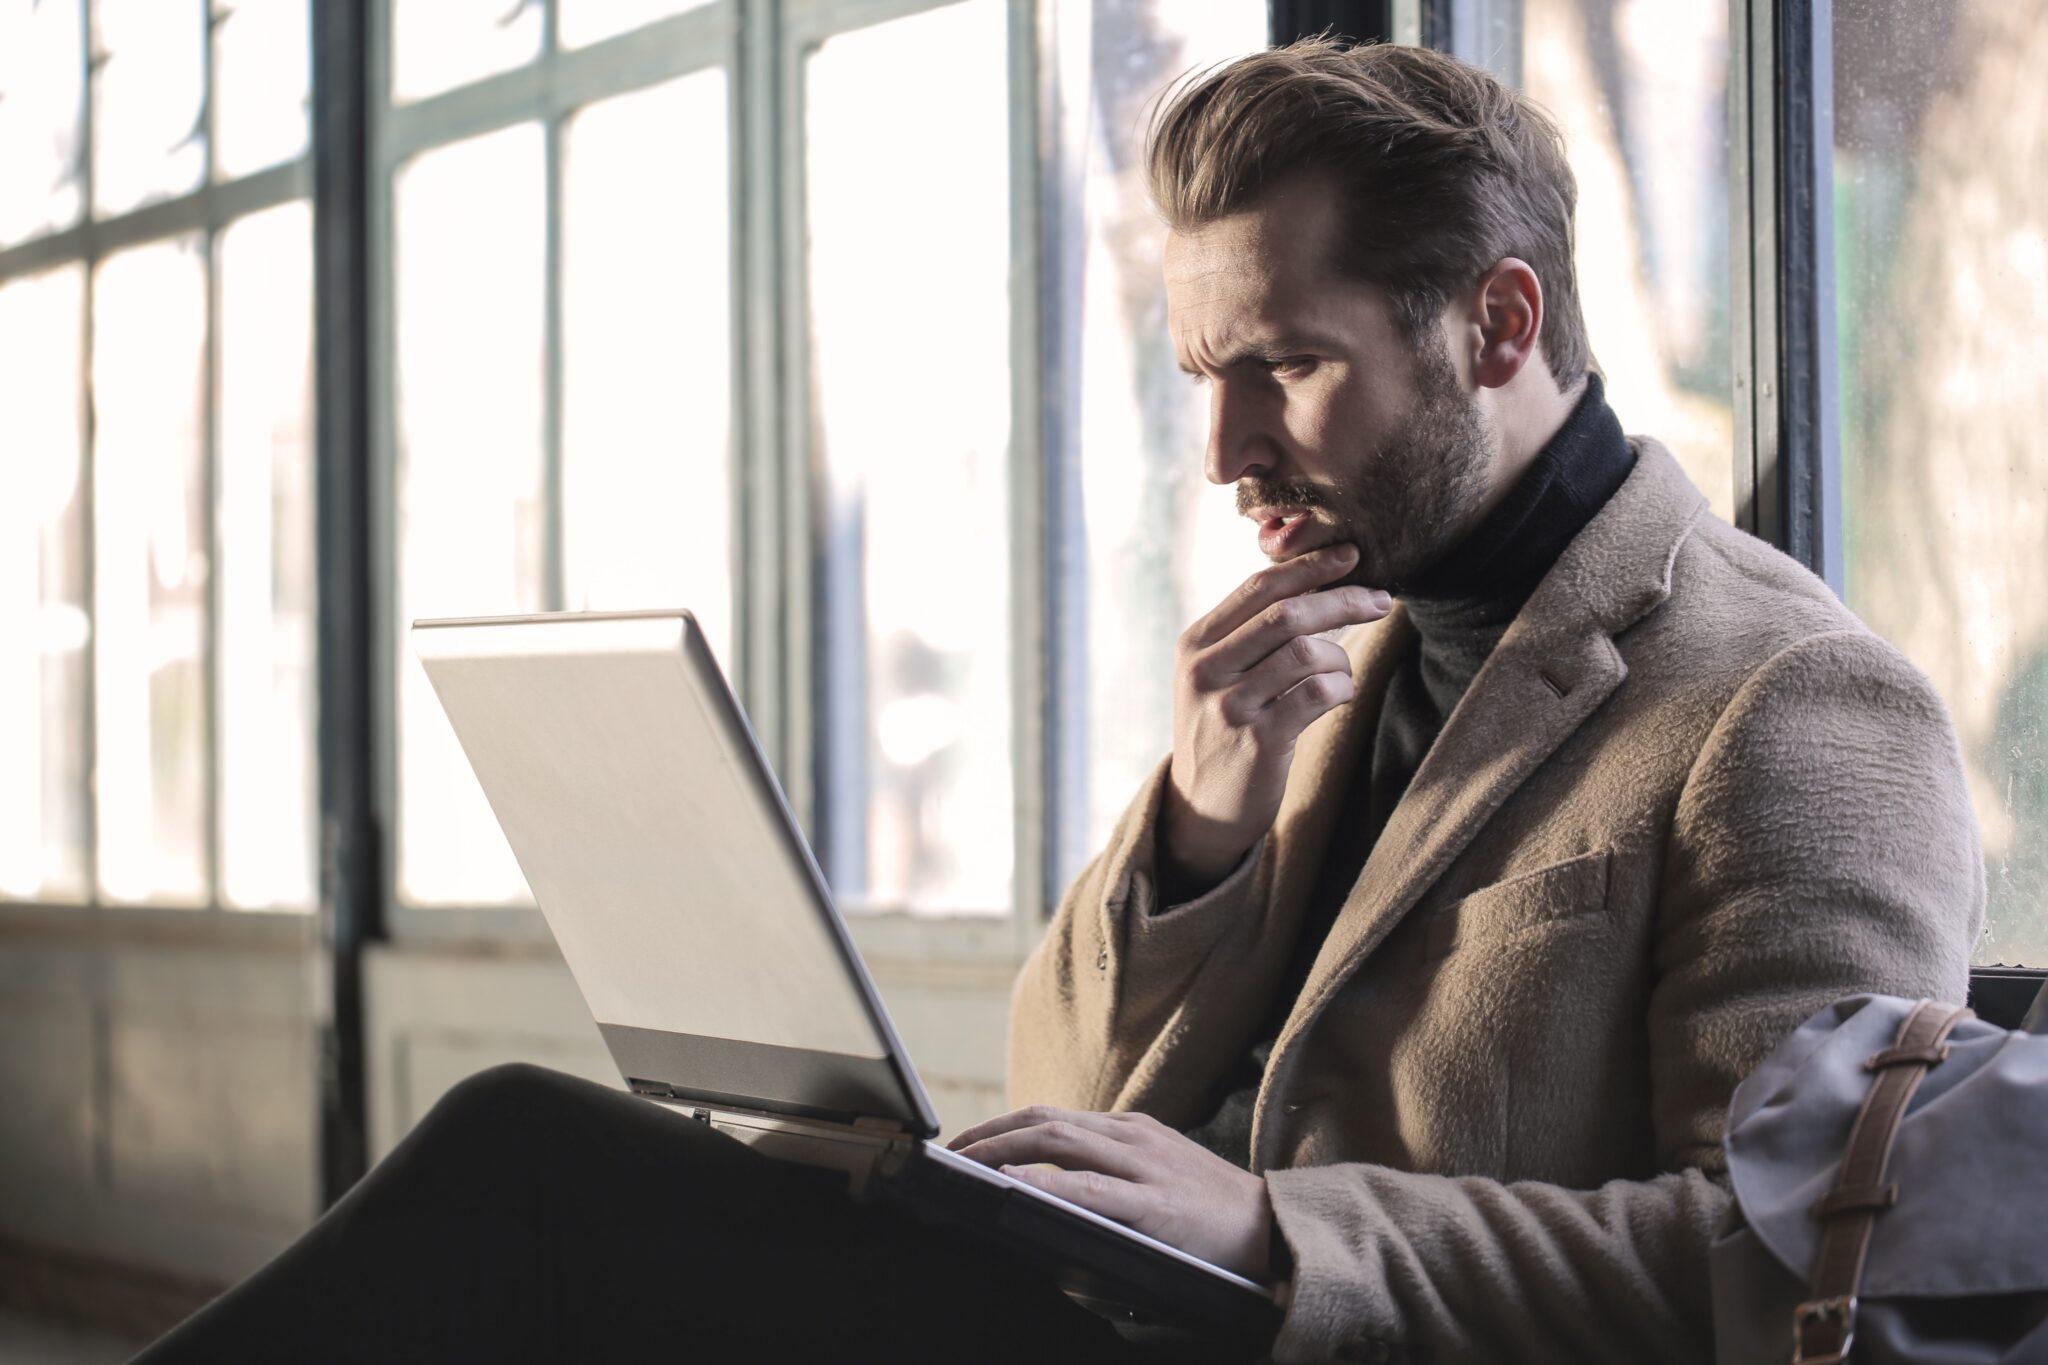 Mann schaut grübelnd auf Laptop.